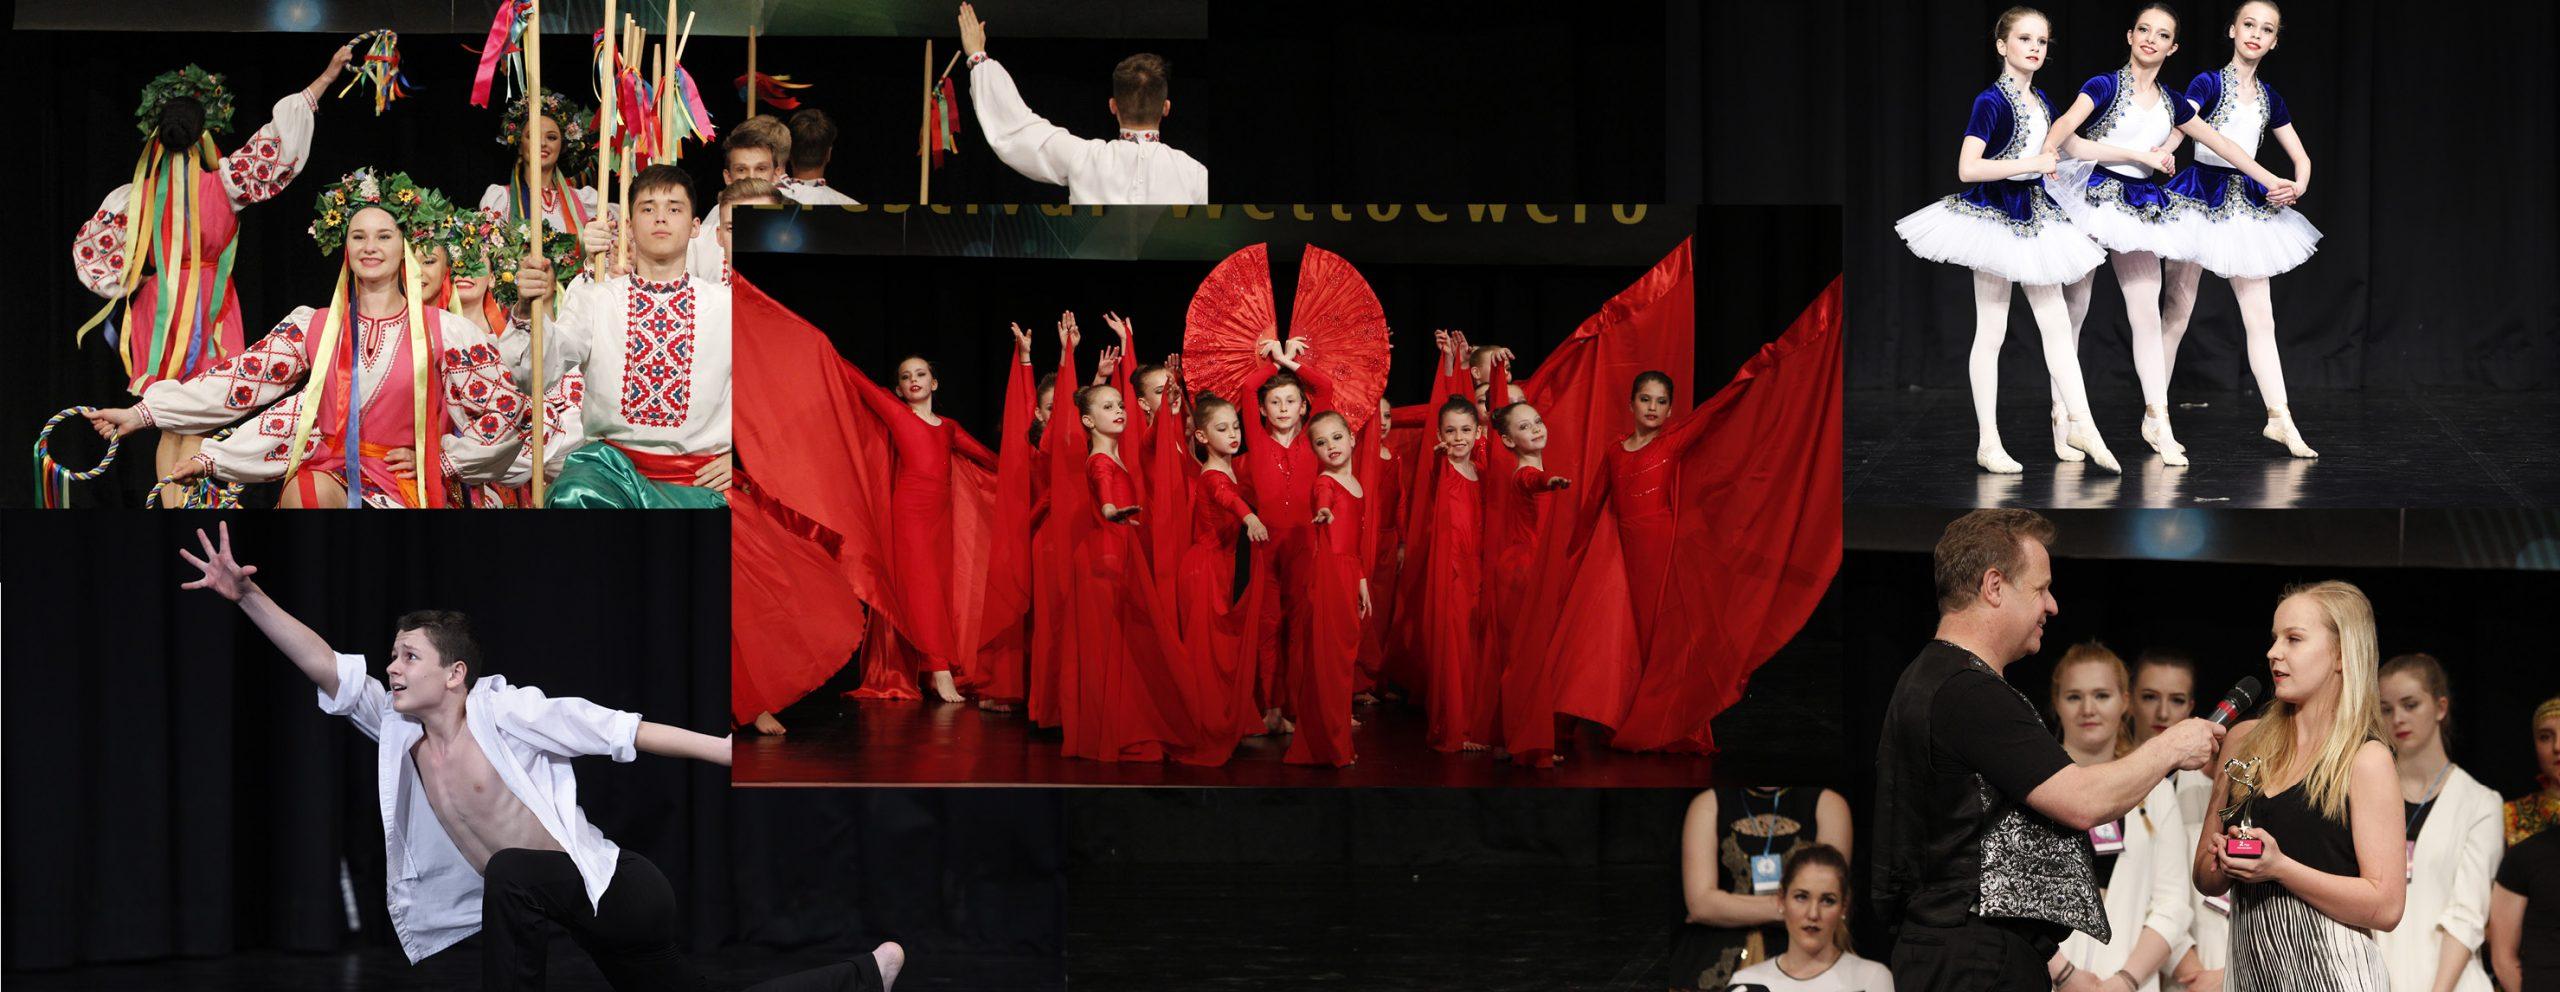 Eindrücke vom Tanzfestival Neue Welle 2018